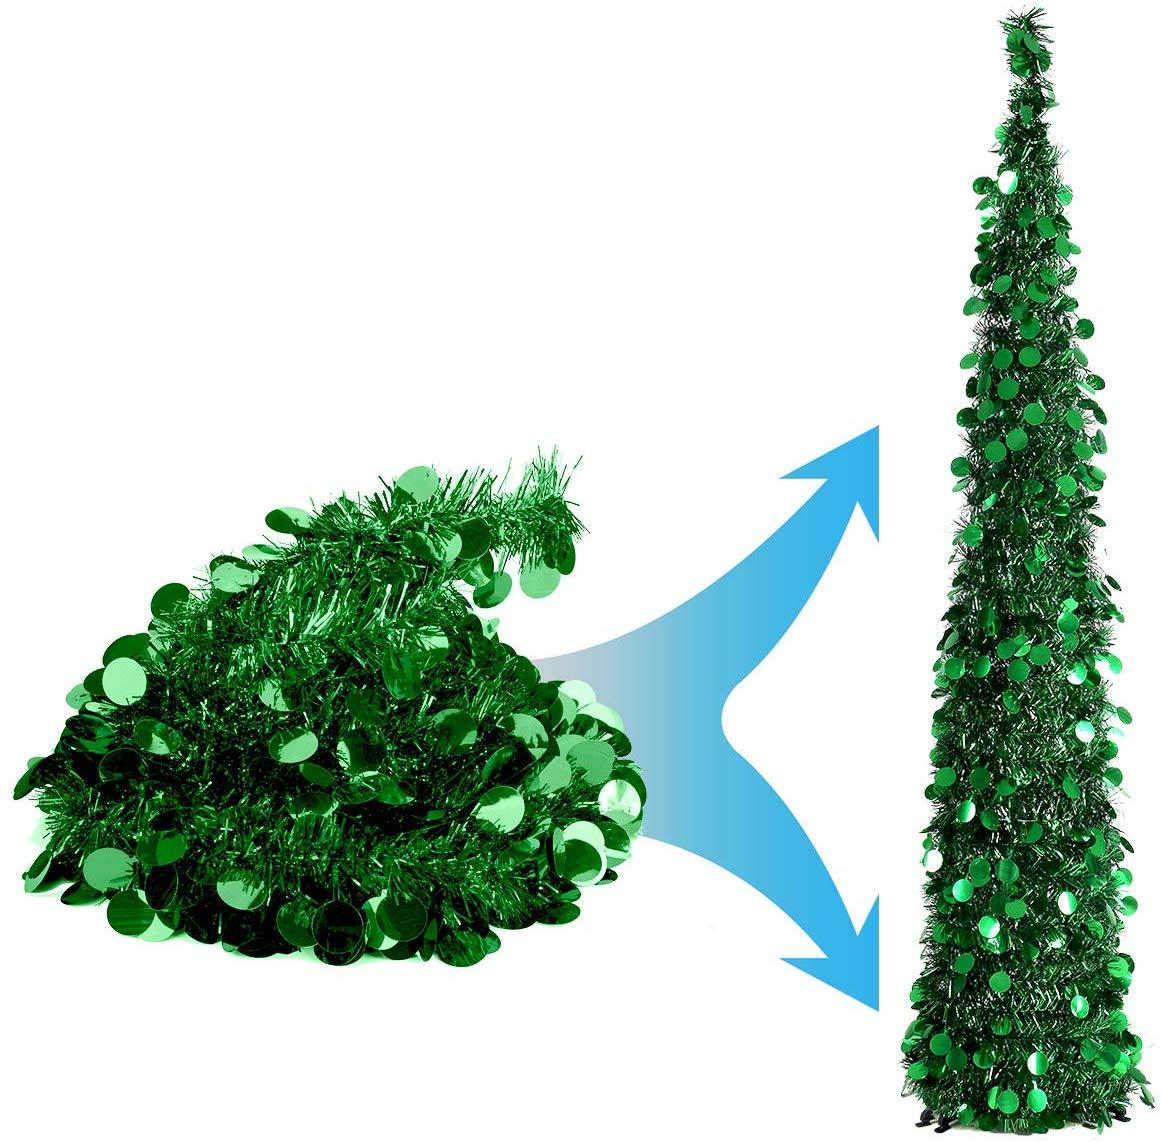 Joy and Leo 5 foot Christmas tree